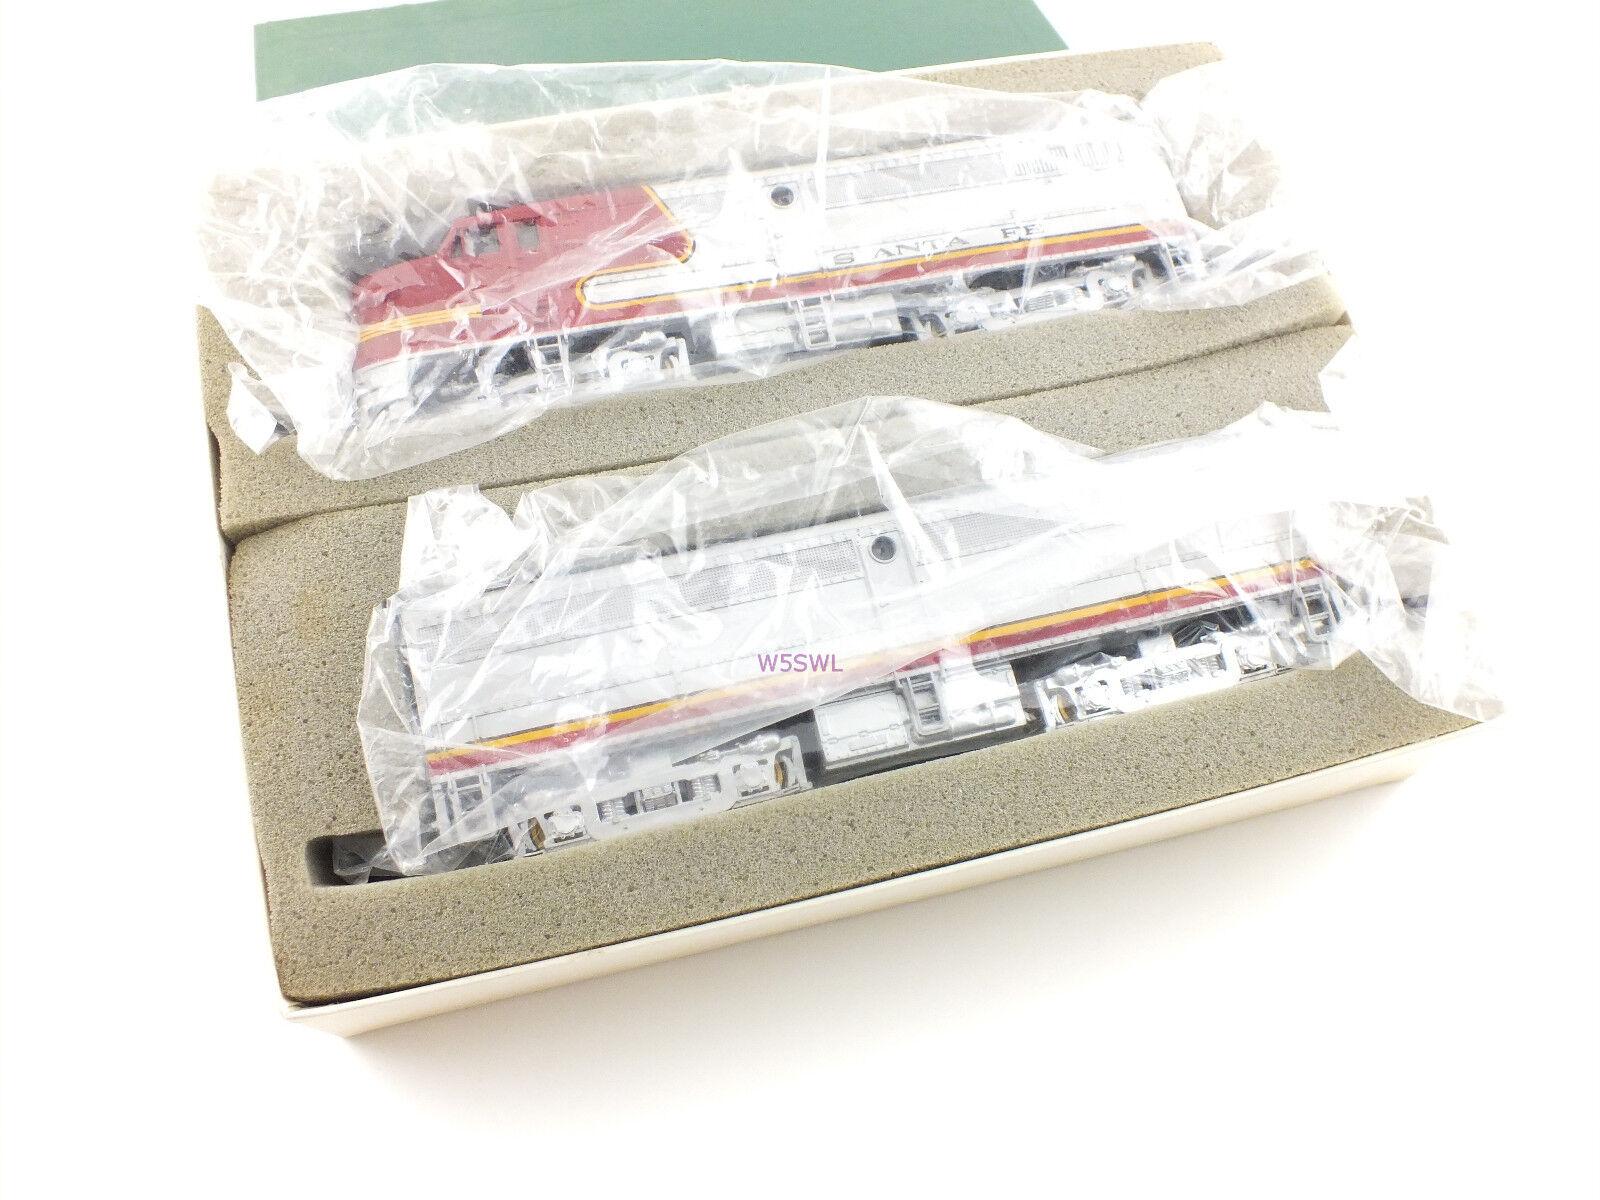 IHM HO ALCO FA A & B Units Santa Fe Boxed Set